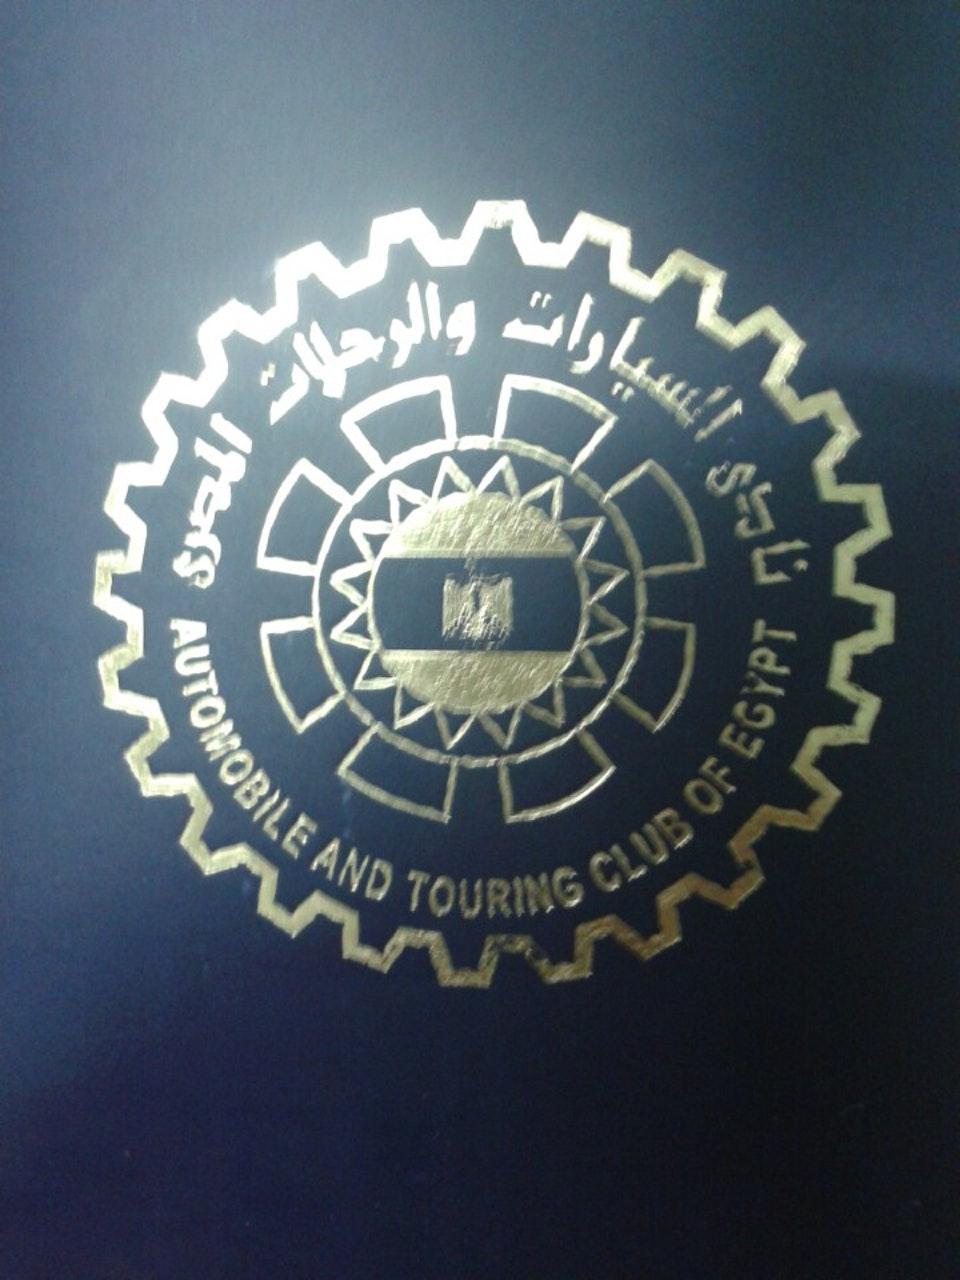 43222f9e923bb ... دفع رسوم الرخصة الدولية ويقوم الموظف بالإحتفاظ بأصل الرخصة المصرية وبعد  مرور ساعه من تسليمك الأوراق للموظف يتم تسليمك الرخصة المصرية مع الرخصة  الدولية .